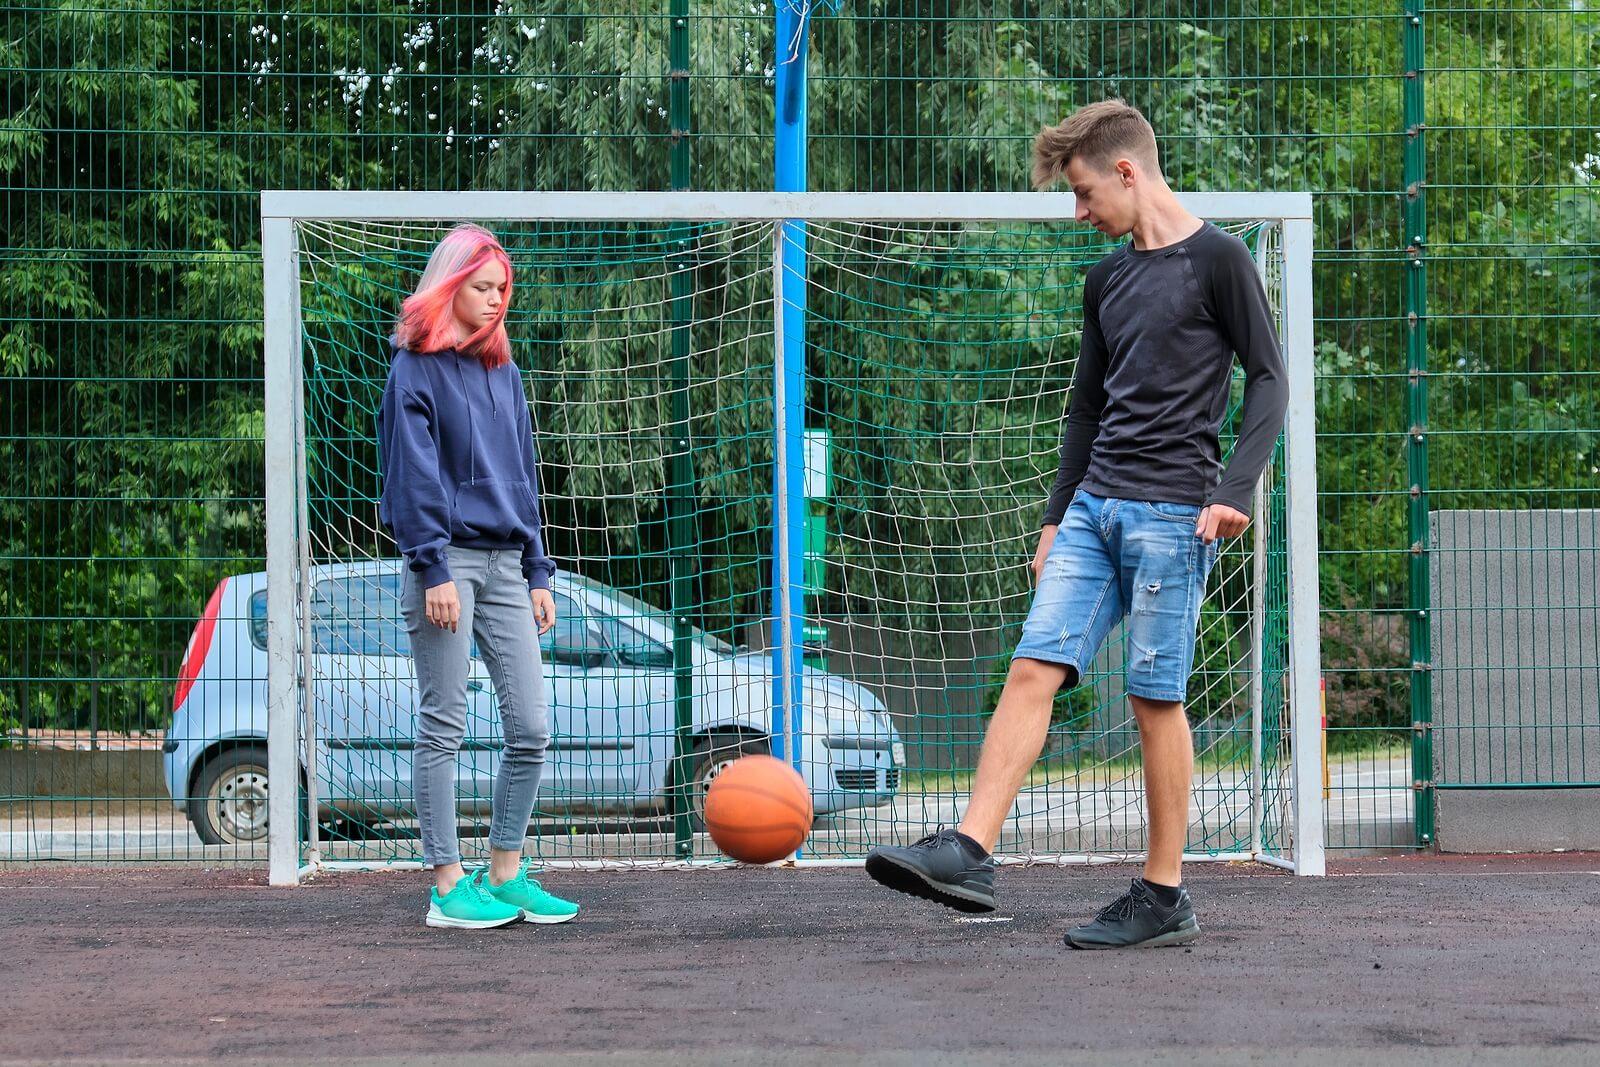 ¿Cuánto ejercicio necesitan los adolescentes?